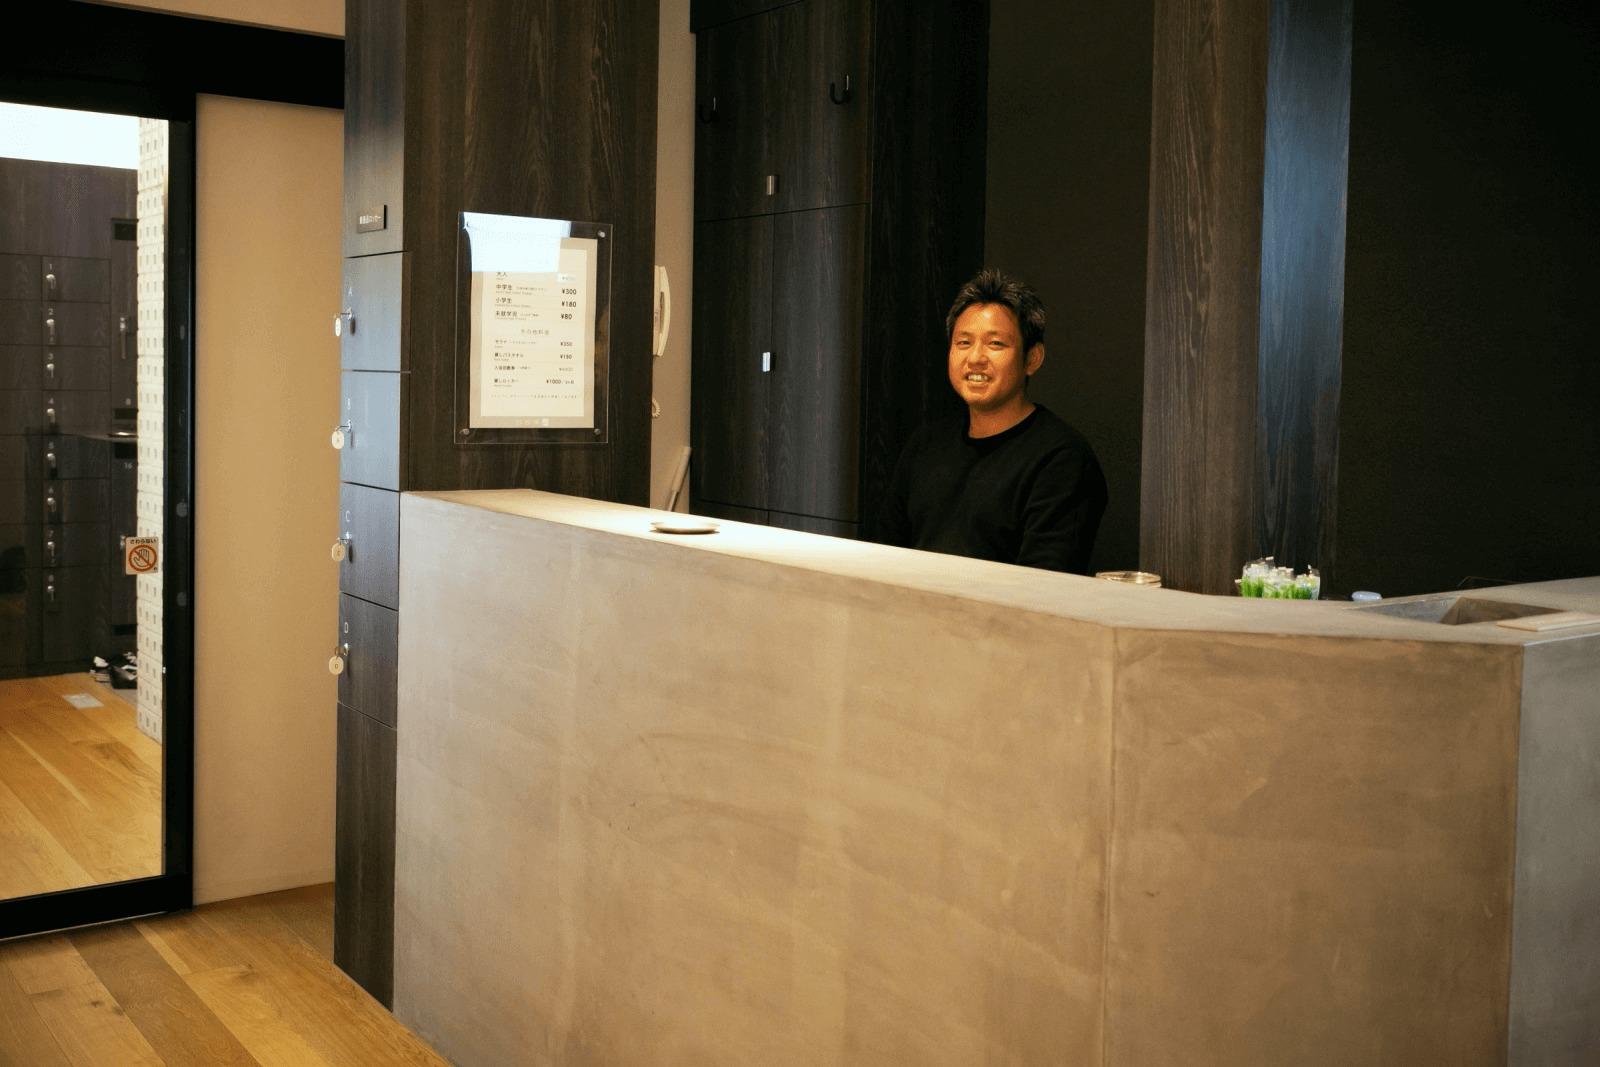 改良湯フロントに座る大和伸晃さん